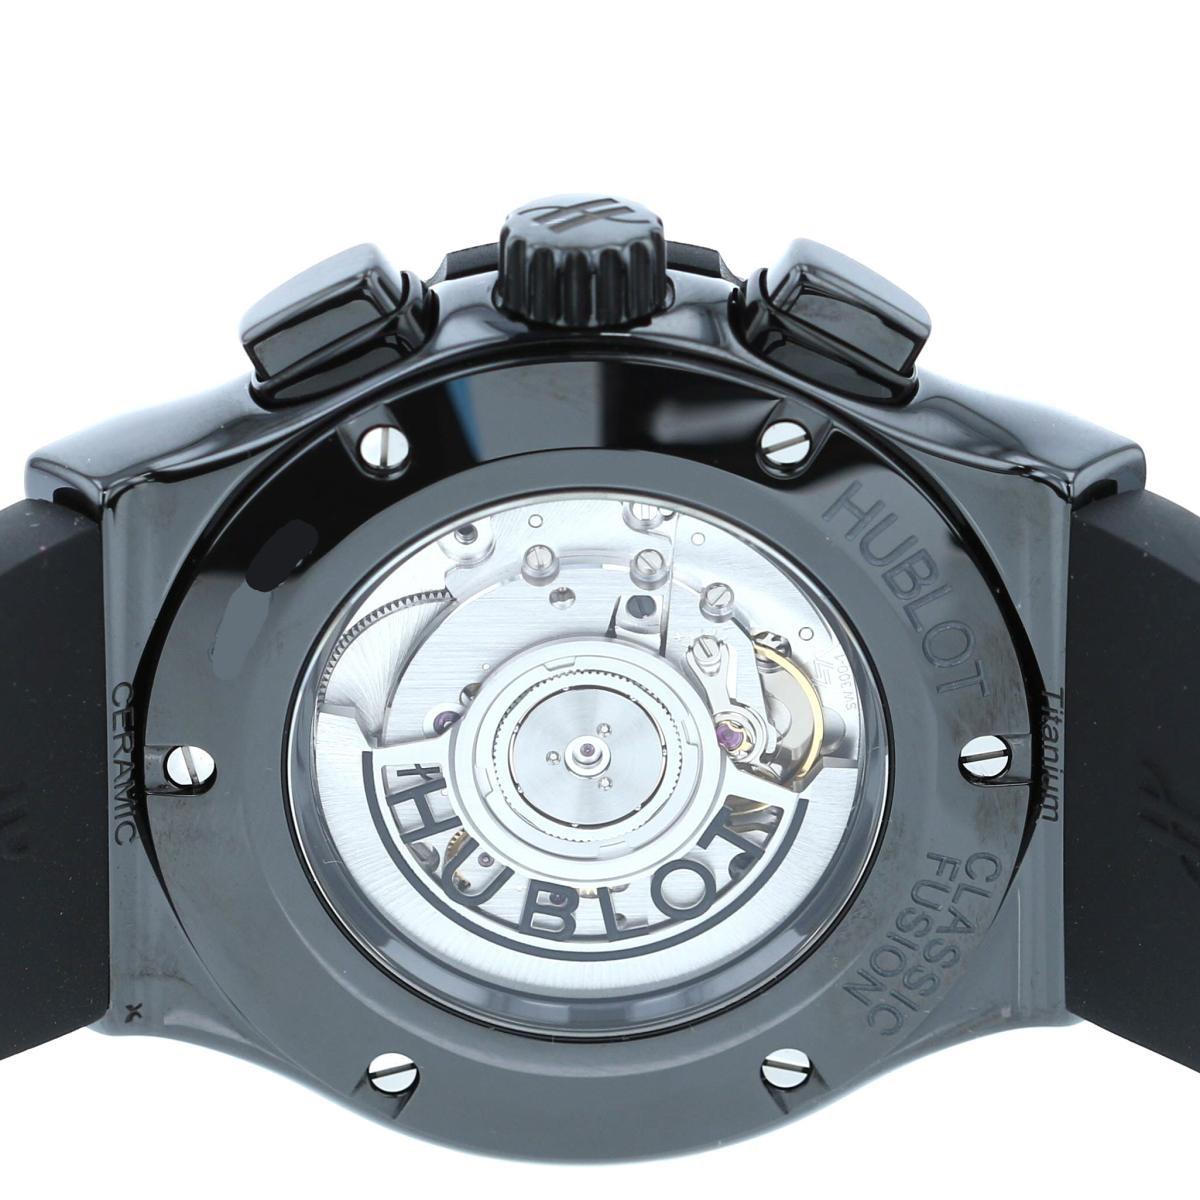 【中古】HUBLOT (ウブロ) クラシックフュージョン クロノグラフ ブラックマジック 時計 自動巻き/メンズ classic-fusion Black 521.CM.1771.RX unused:S